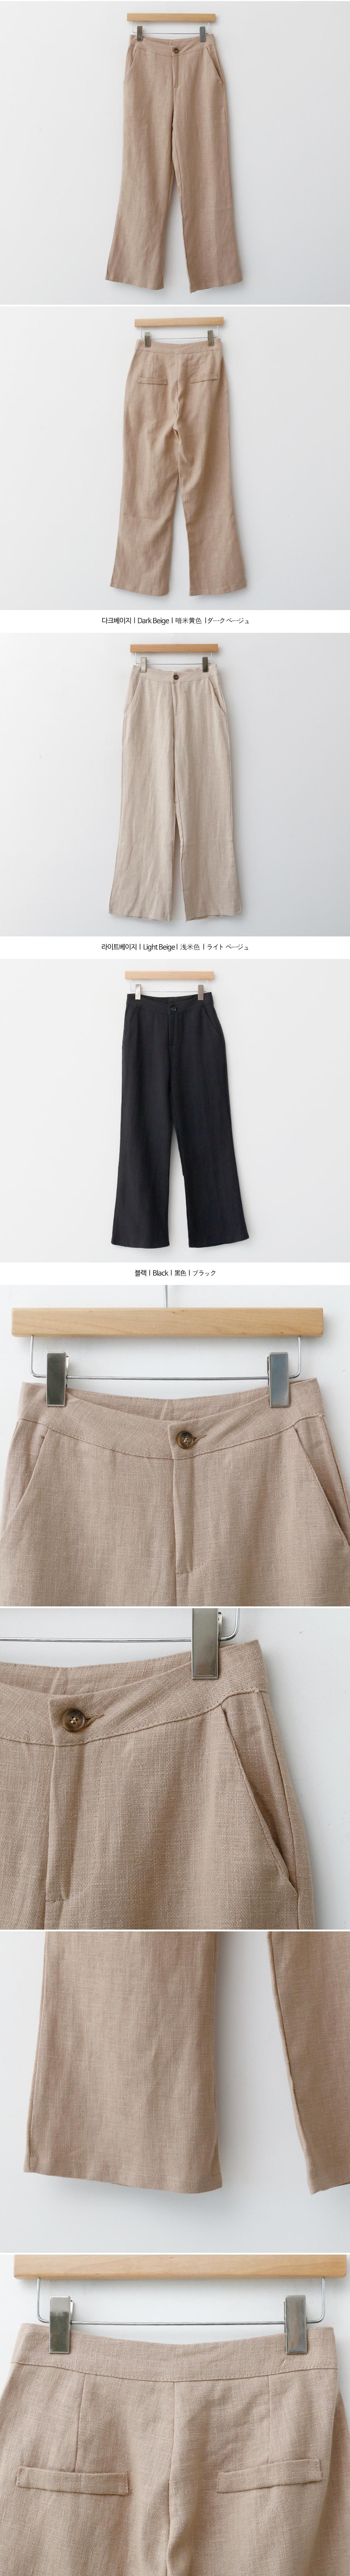 Soi linen wide pants